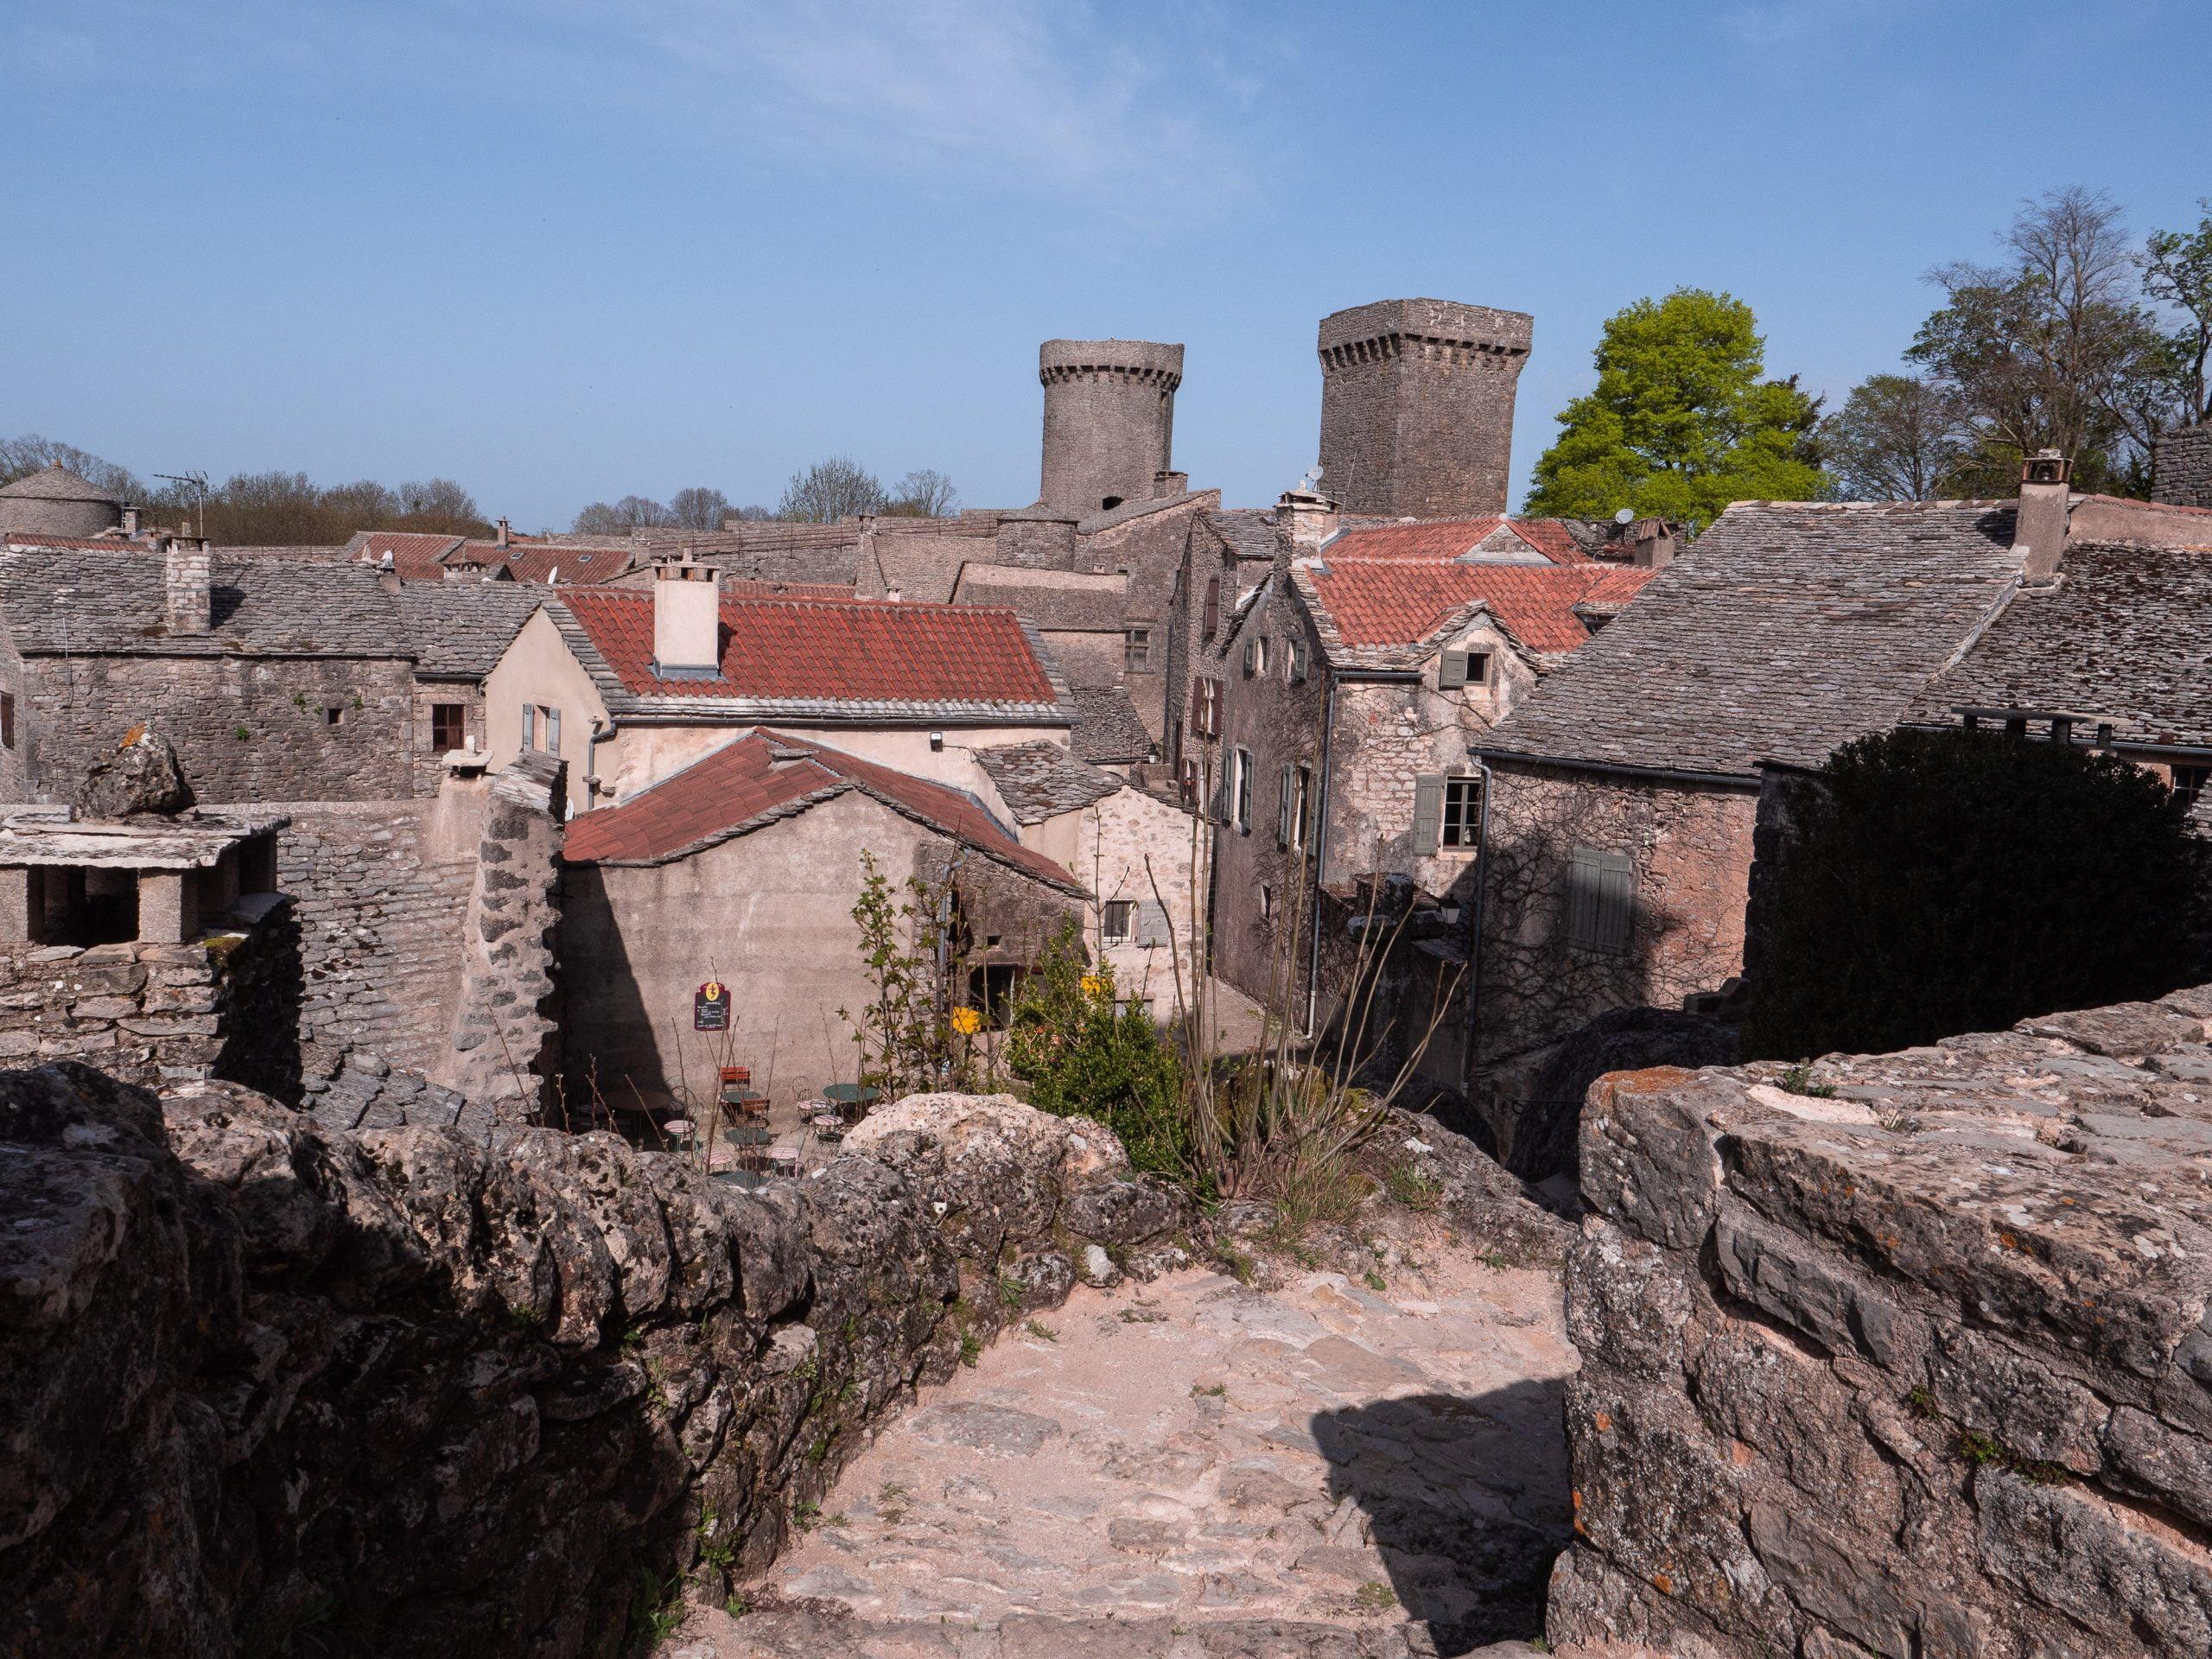 village de la couvertoirade sur le plateau du Larzac dans l'Aveyron